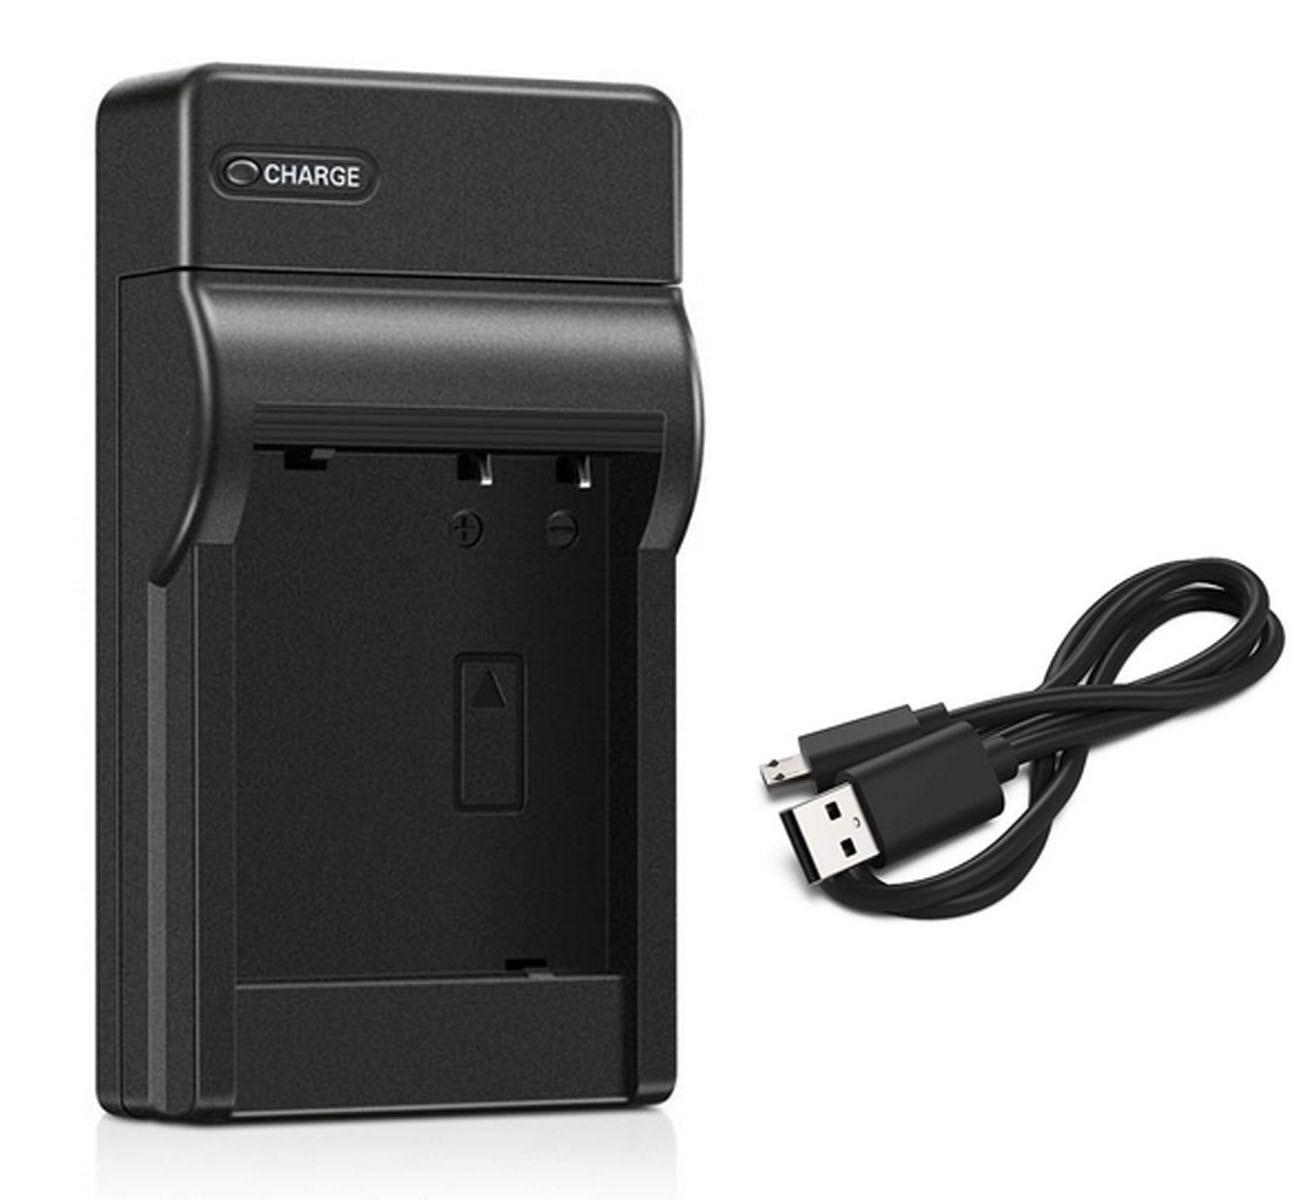 Battery Charger for JVC GR-DVL200 GR-DVL210 GR-DVL220 GR-DVL300 GR-DVL310 GR-DVL320 GR-DVL500 GR-DVL